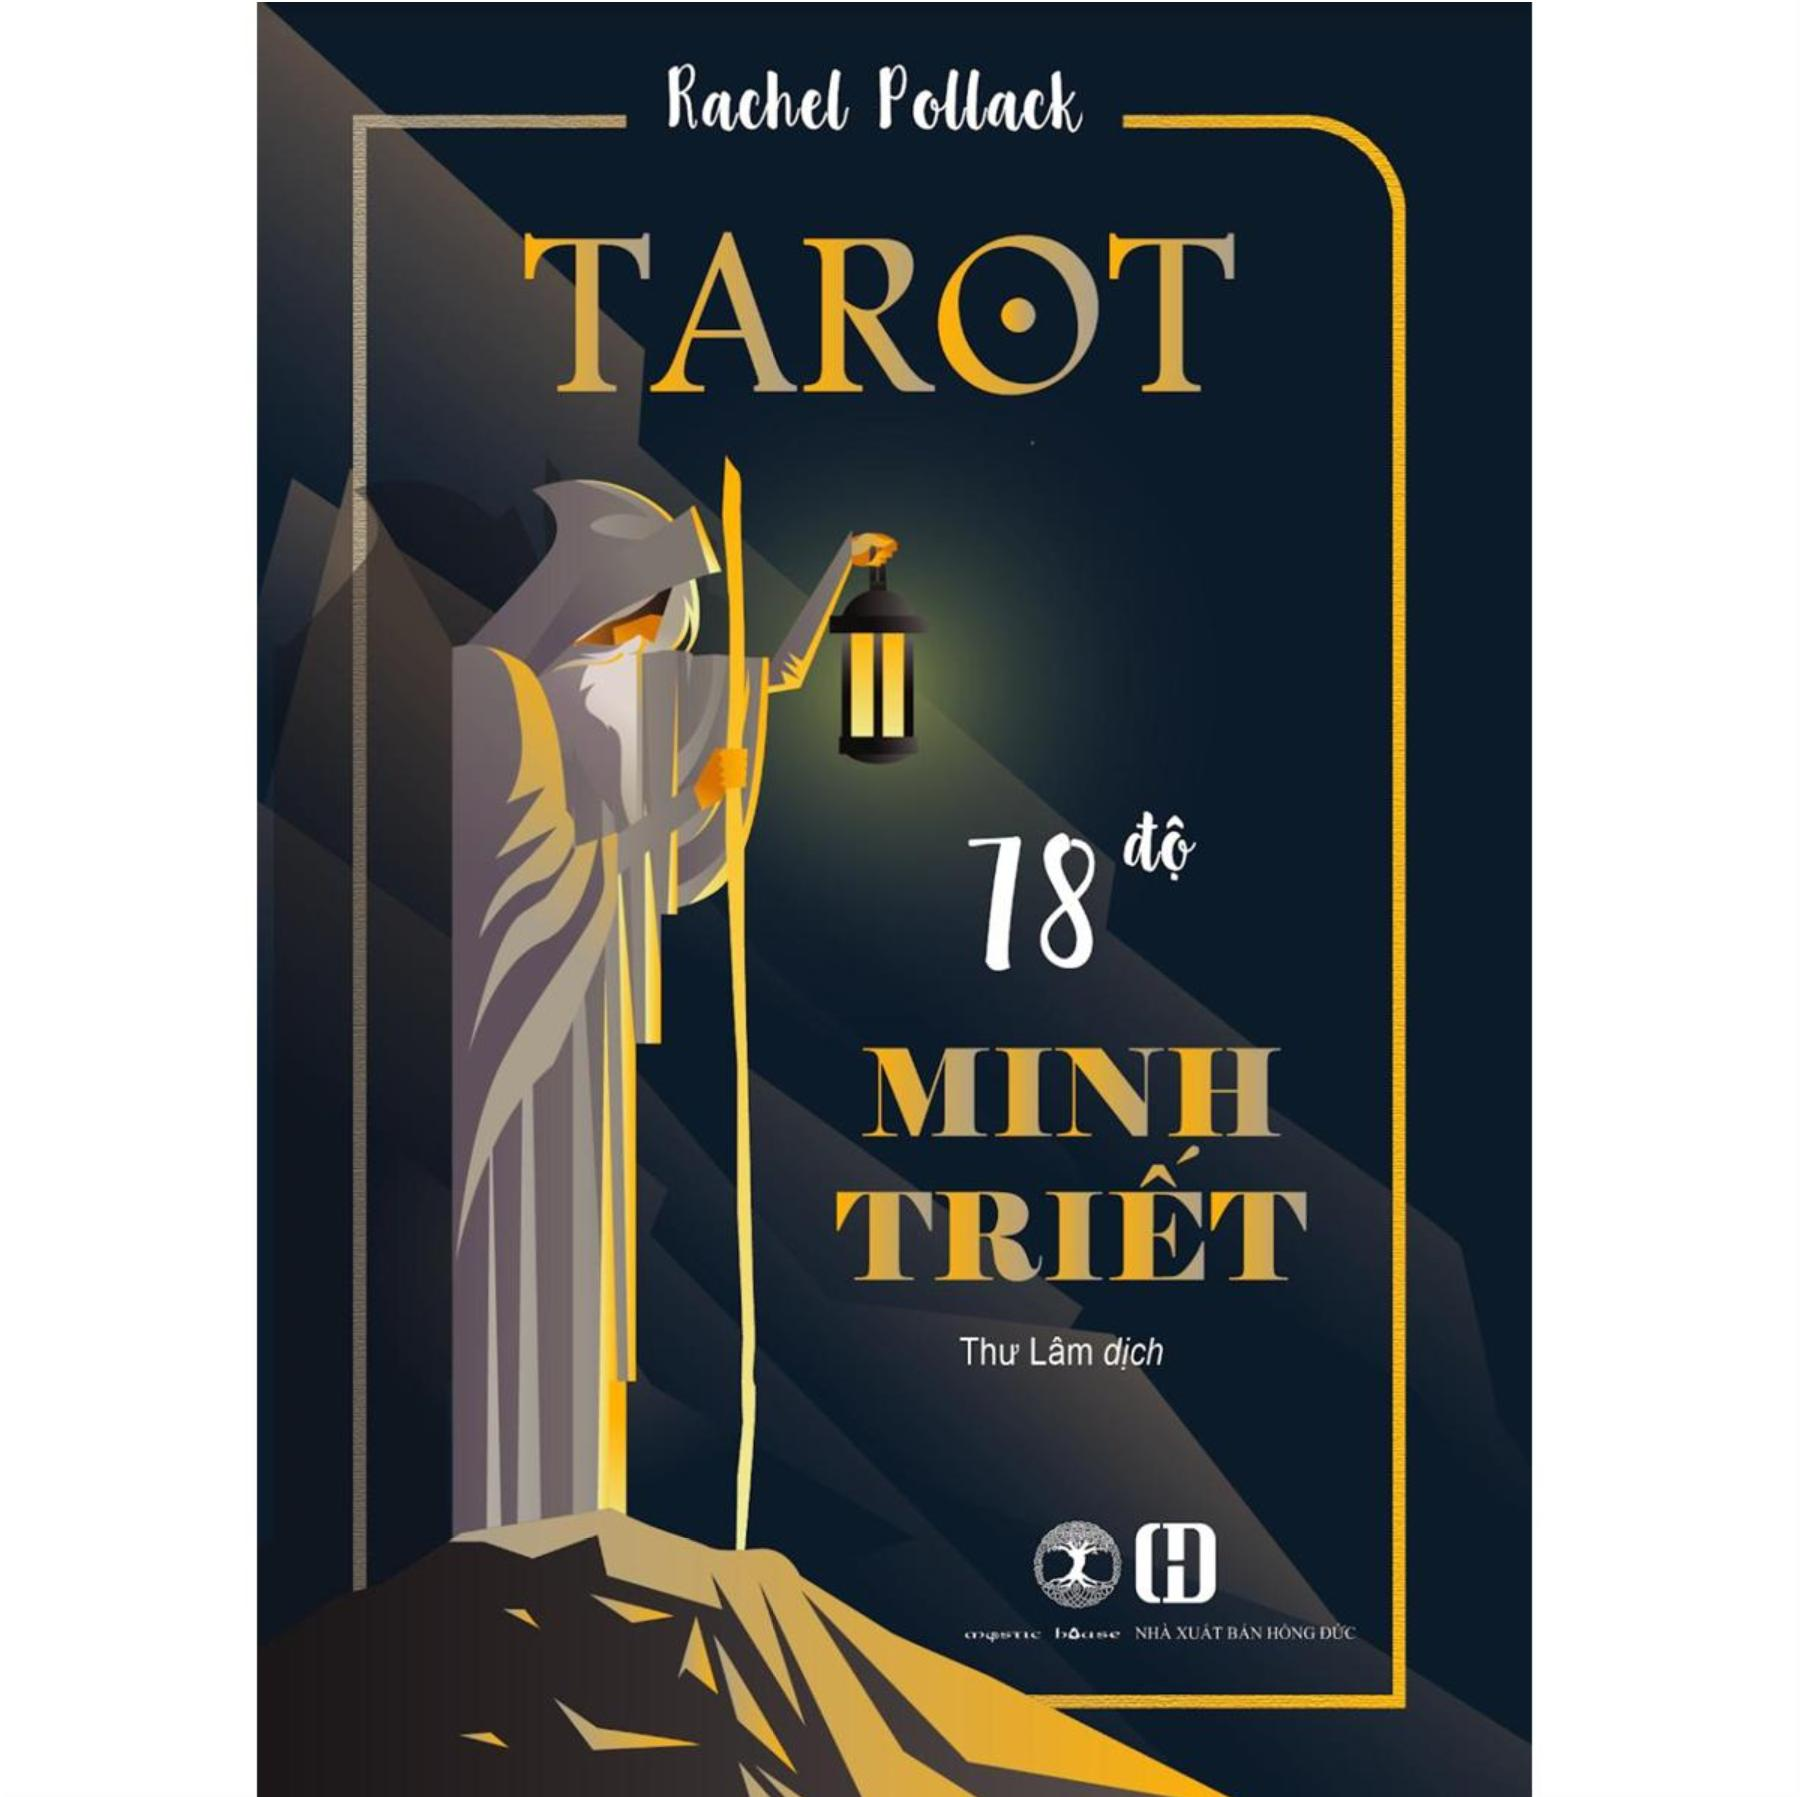 78 Độ Minh Triết Tarot 3